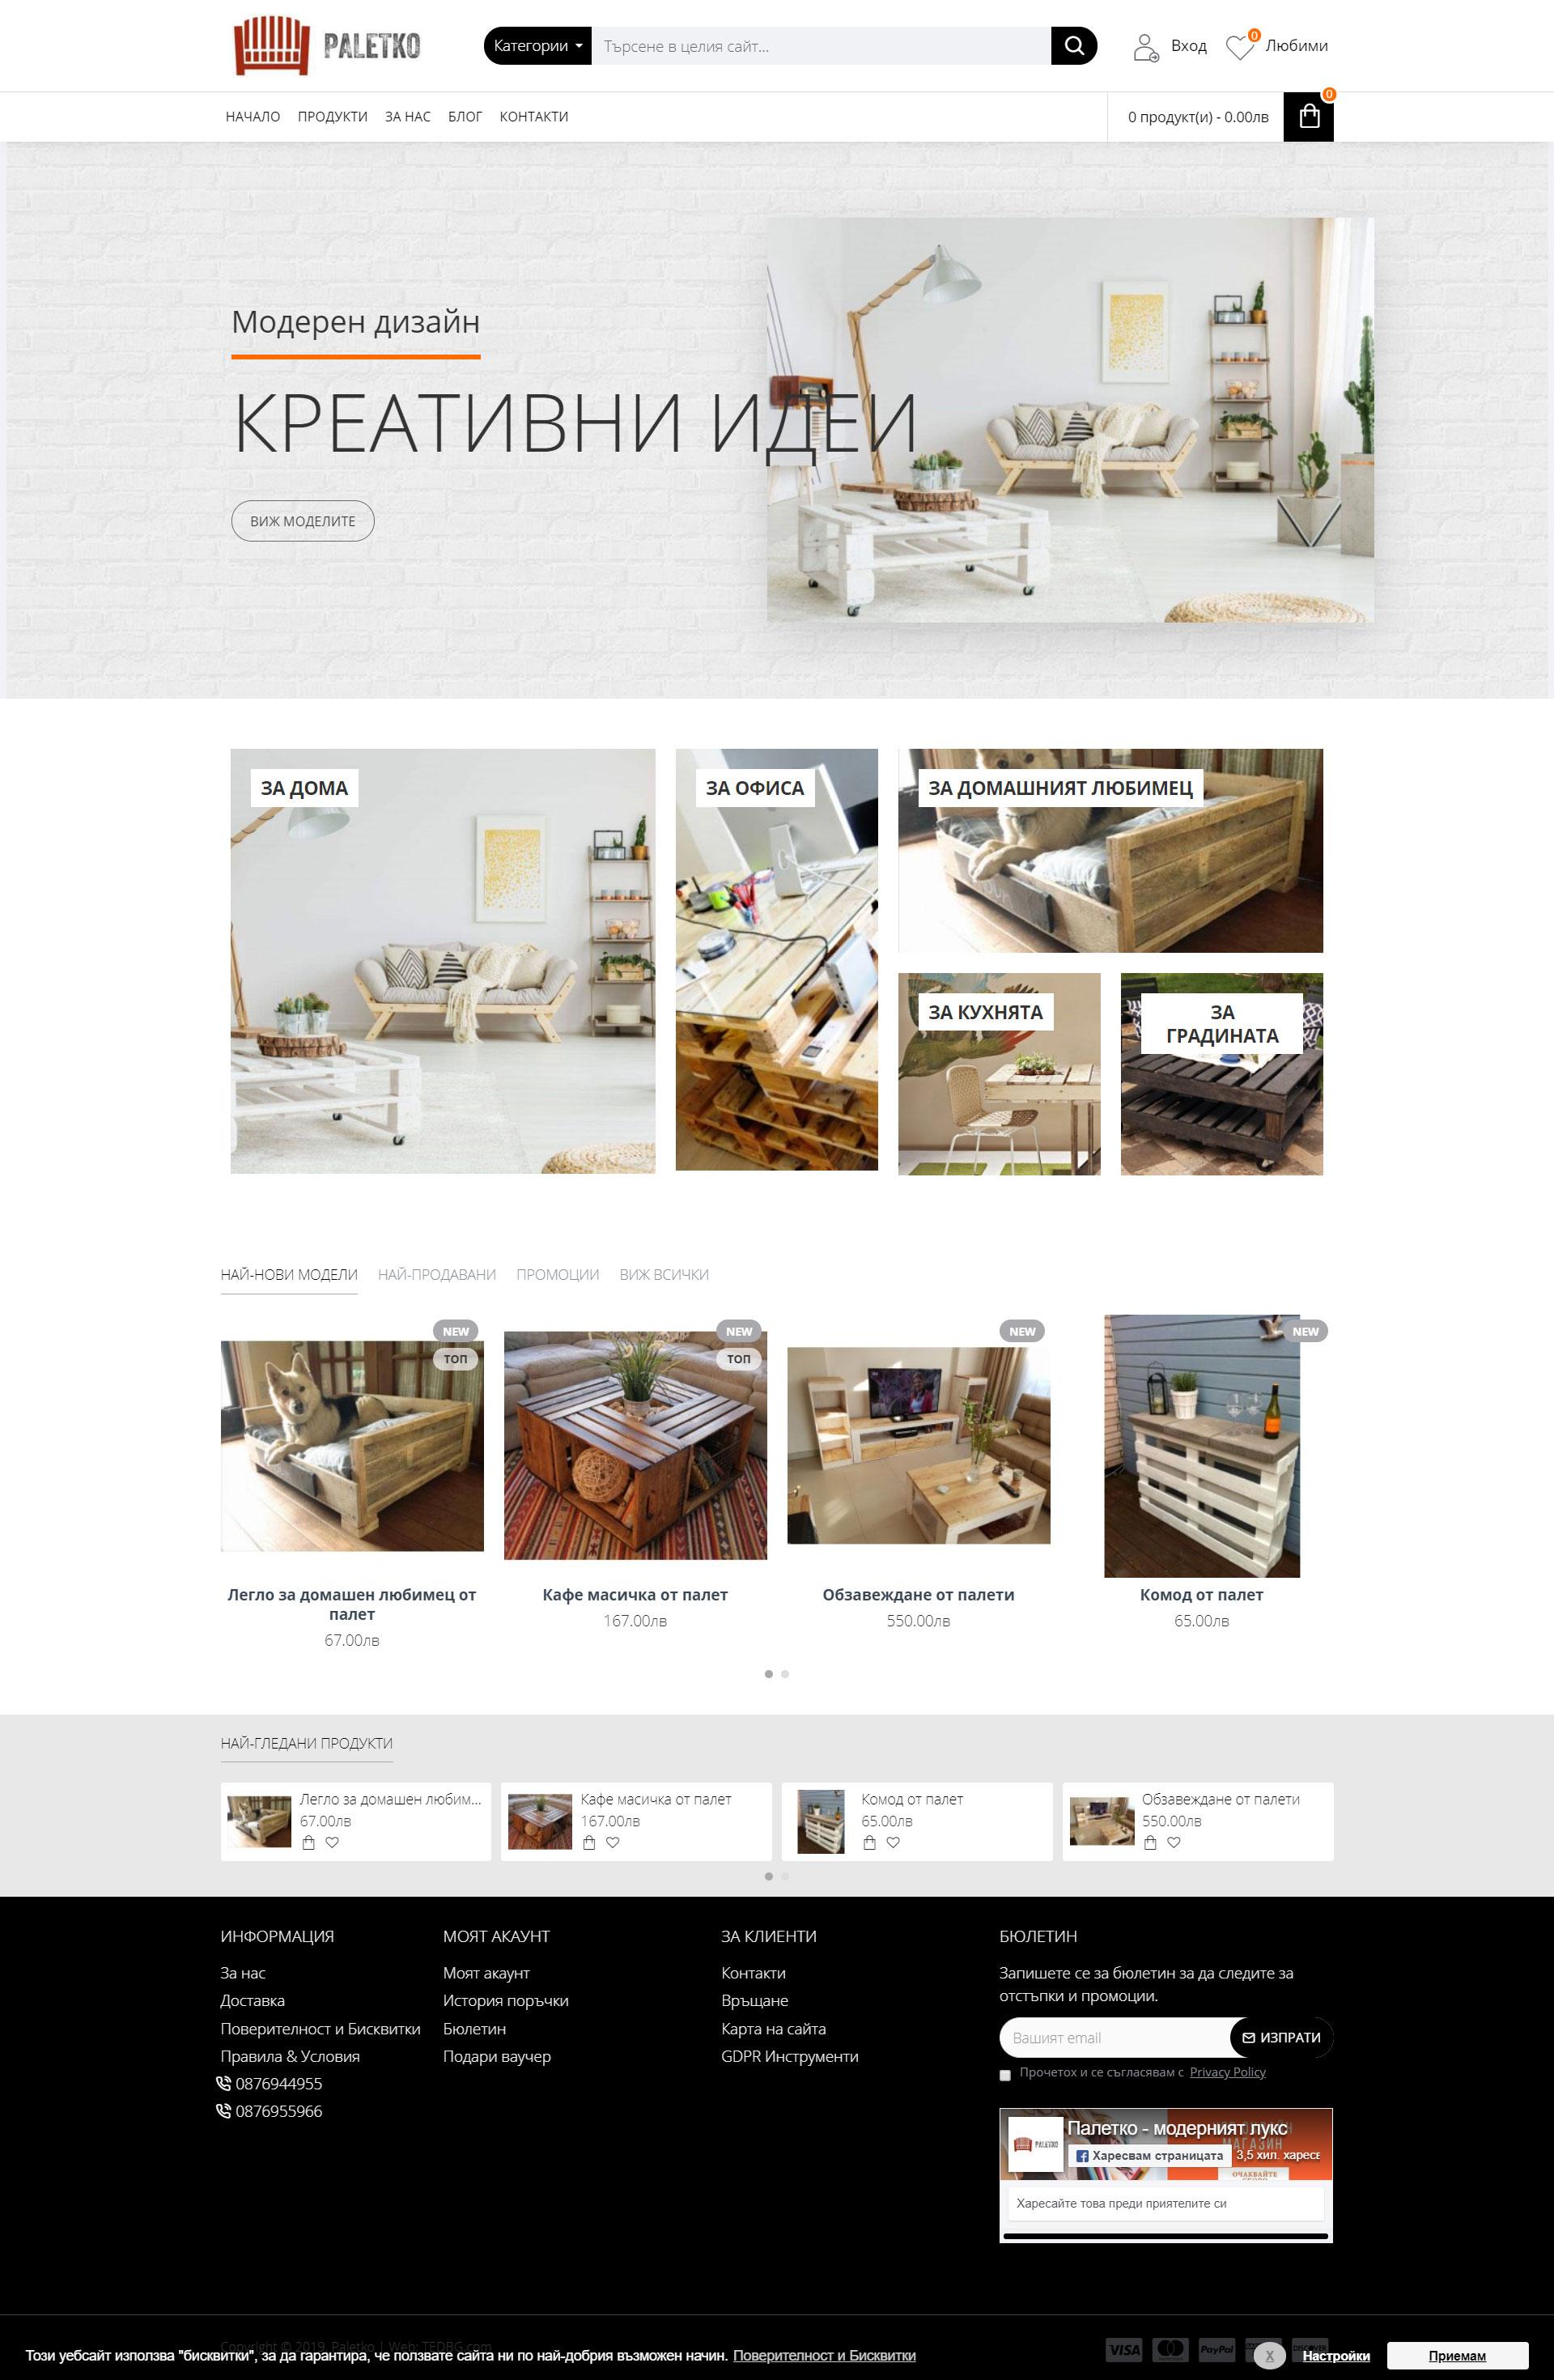 Paletko.com Онлайн магазин за креативни мебели от палети за дома, офиса и домашния любимец